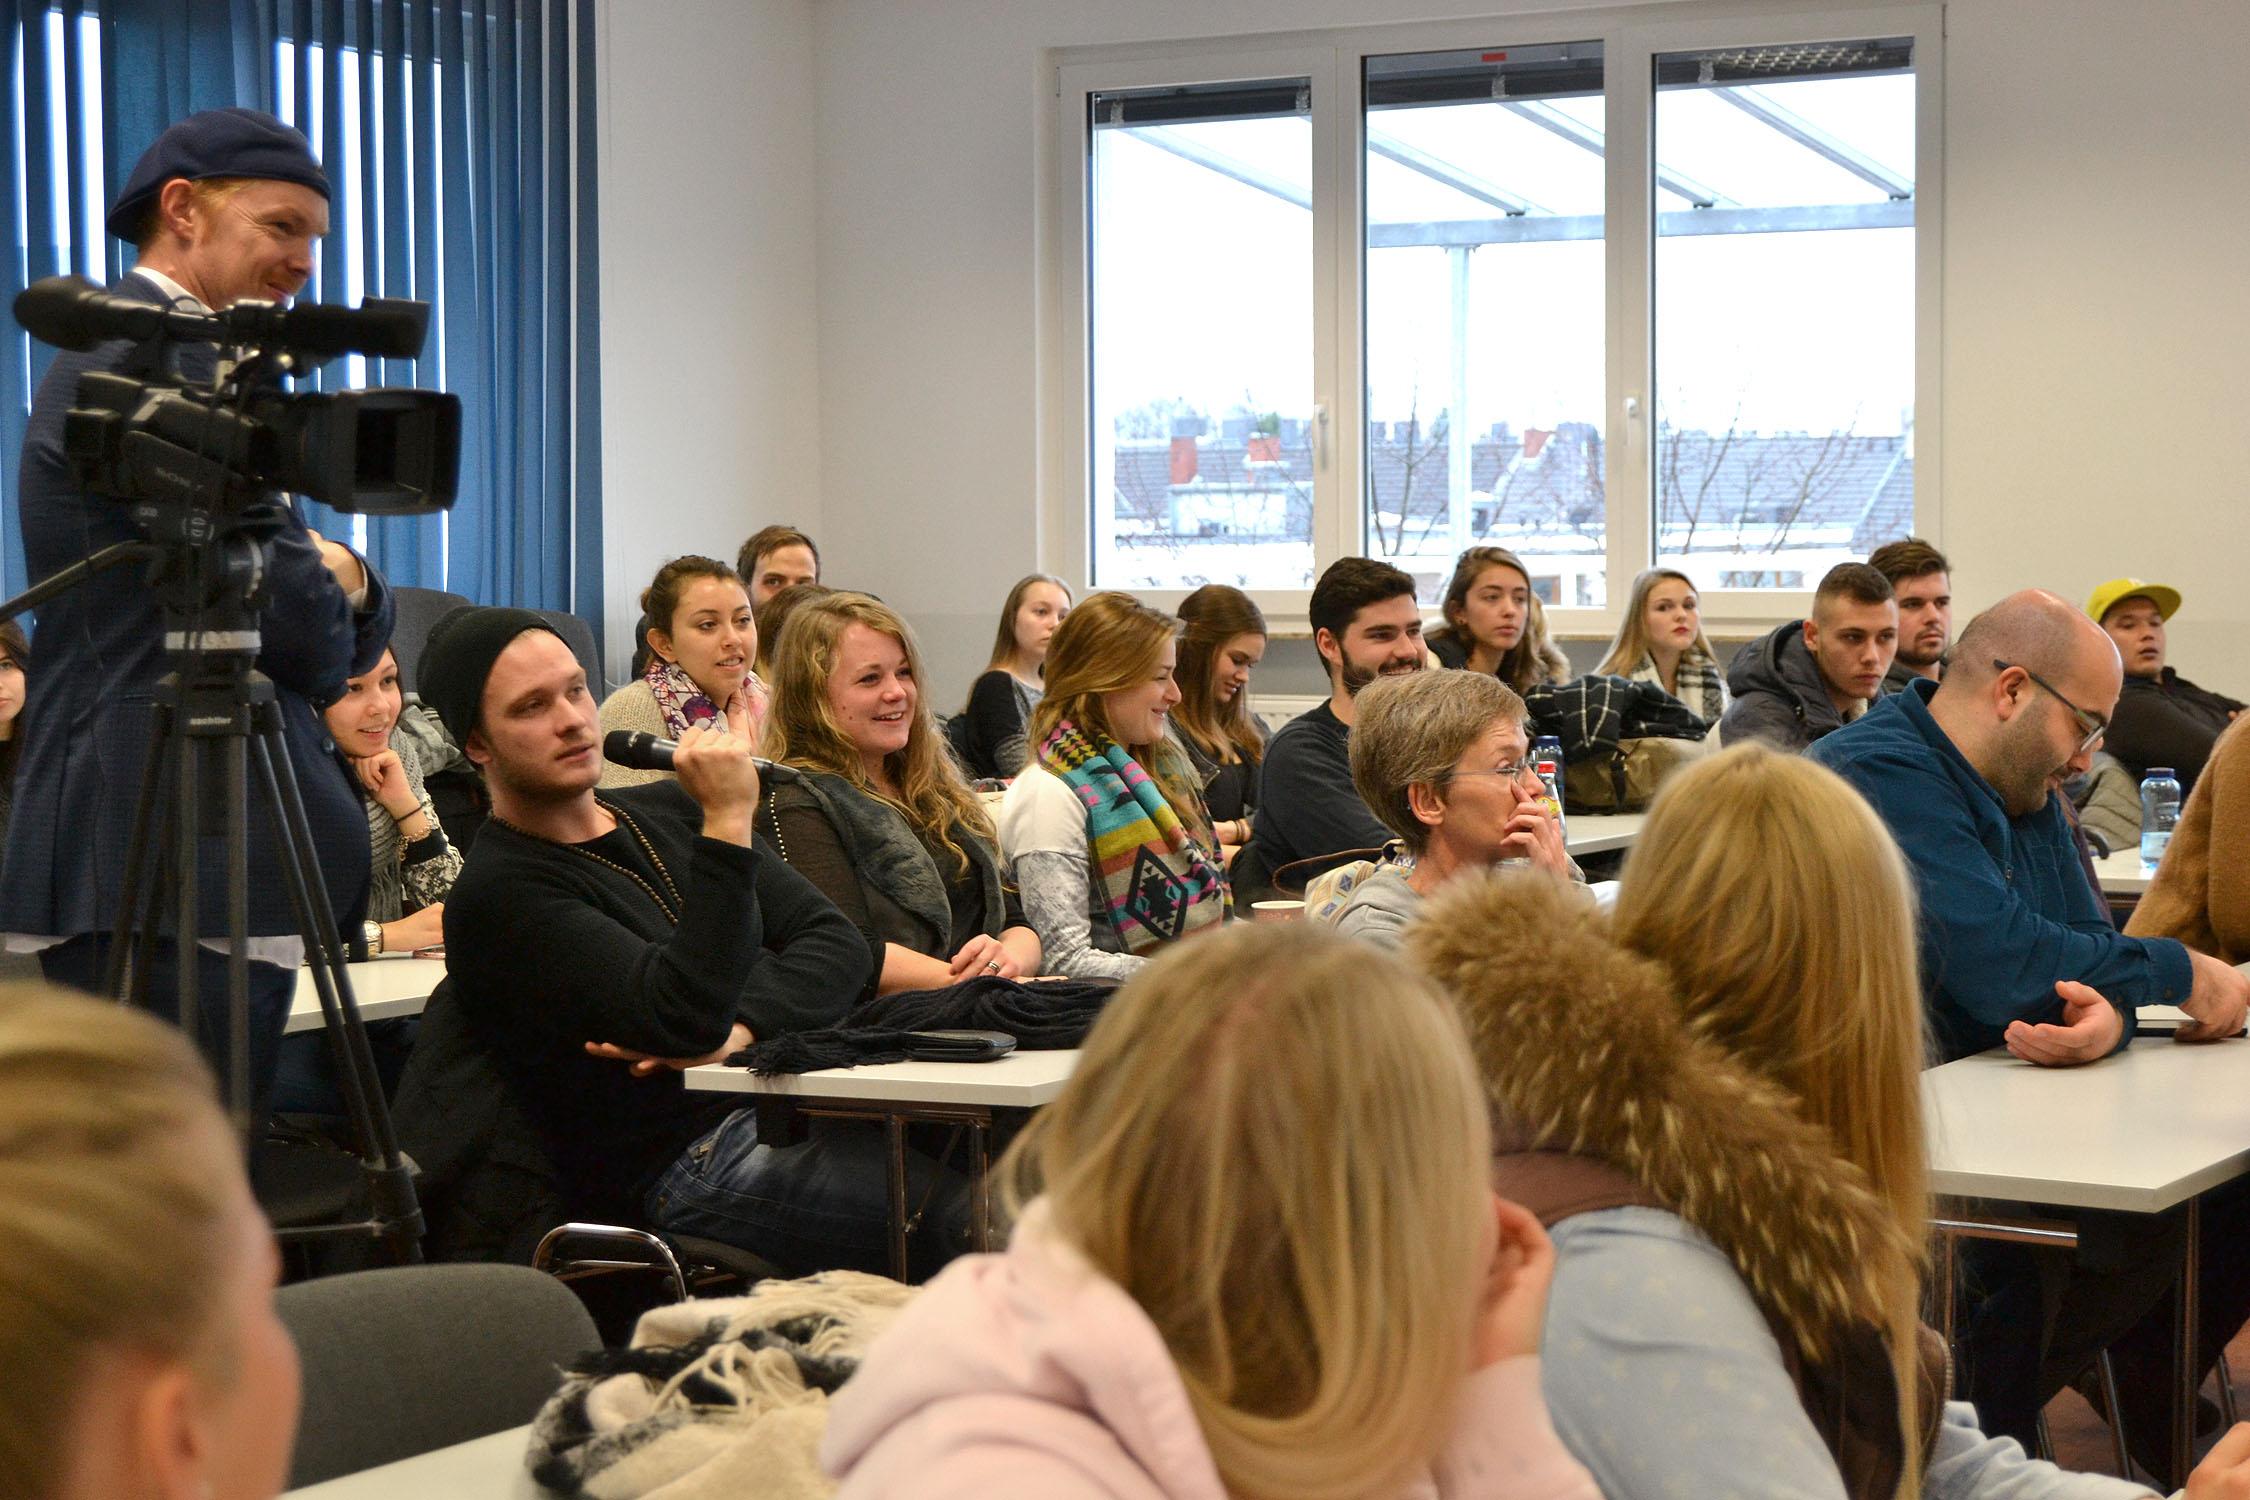 Auch für die Zuhörer/innen war die Auseinandersetzung mit umweltpolitischen Themen teilweise neu.